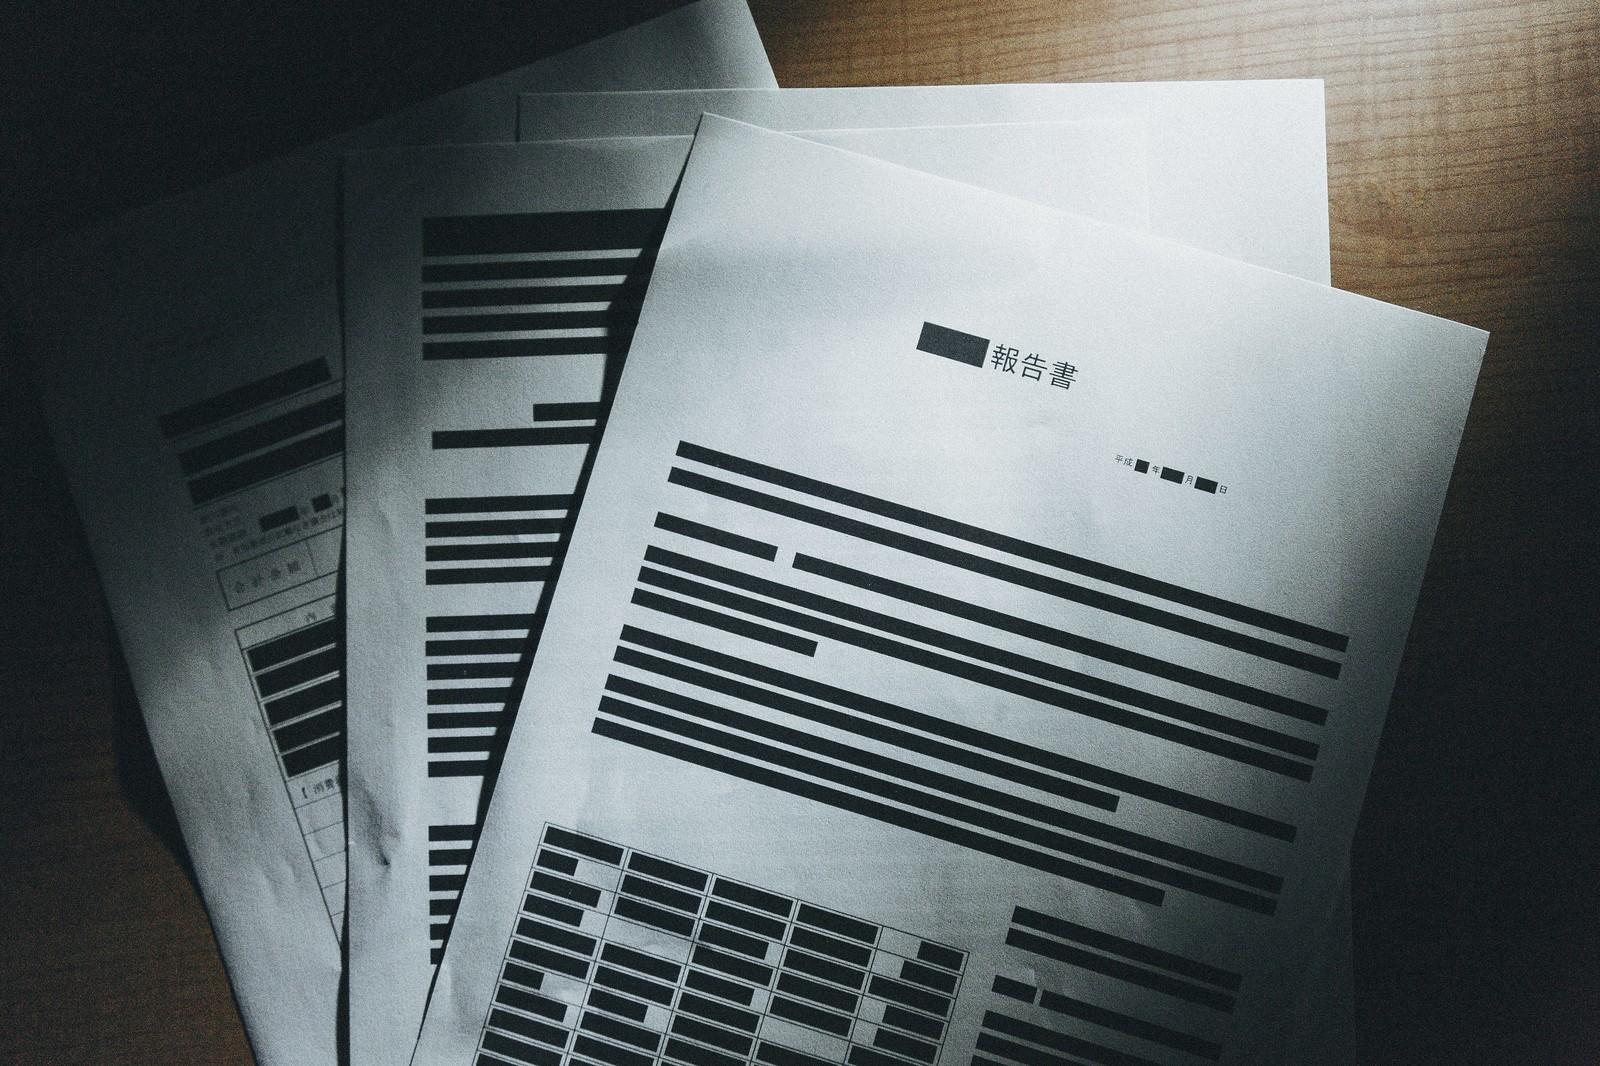 離婚と慰謝料請求の証拠集めの必要性